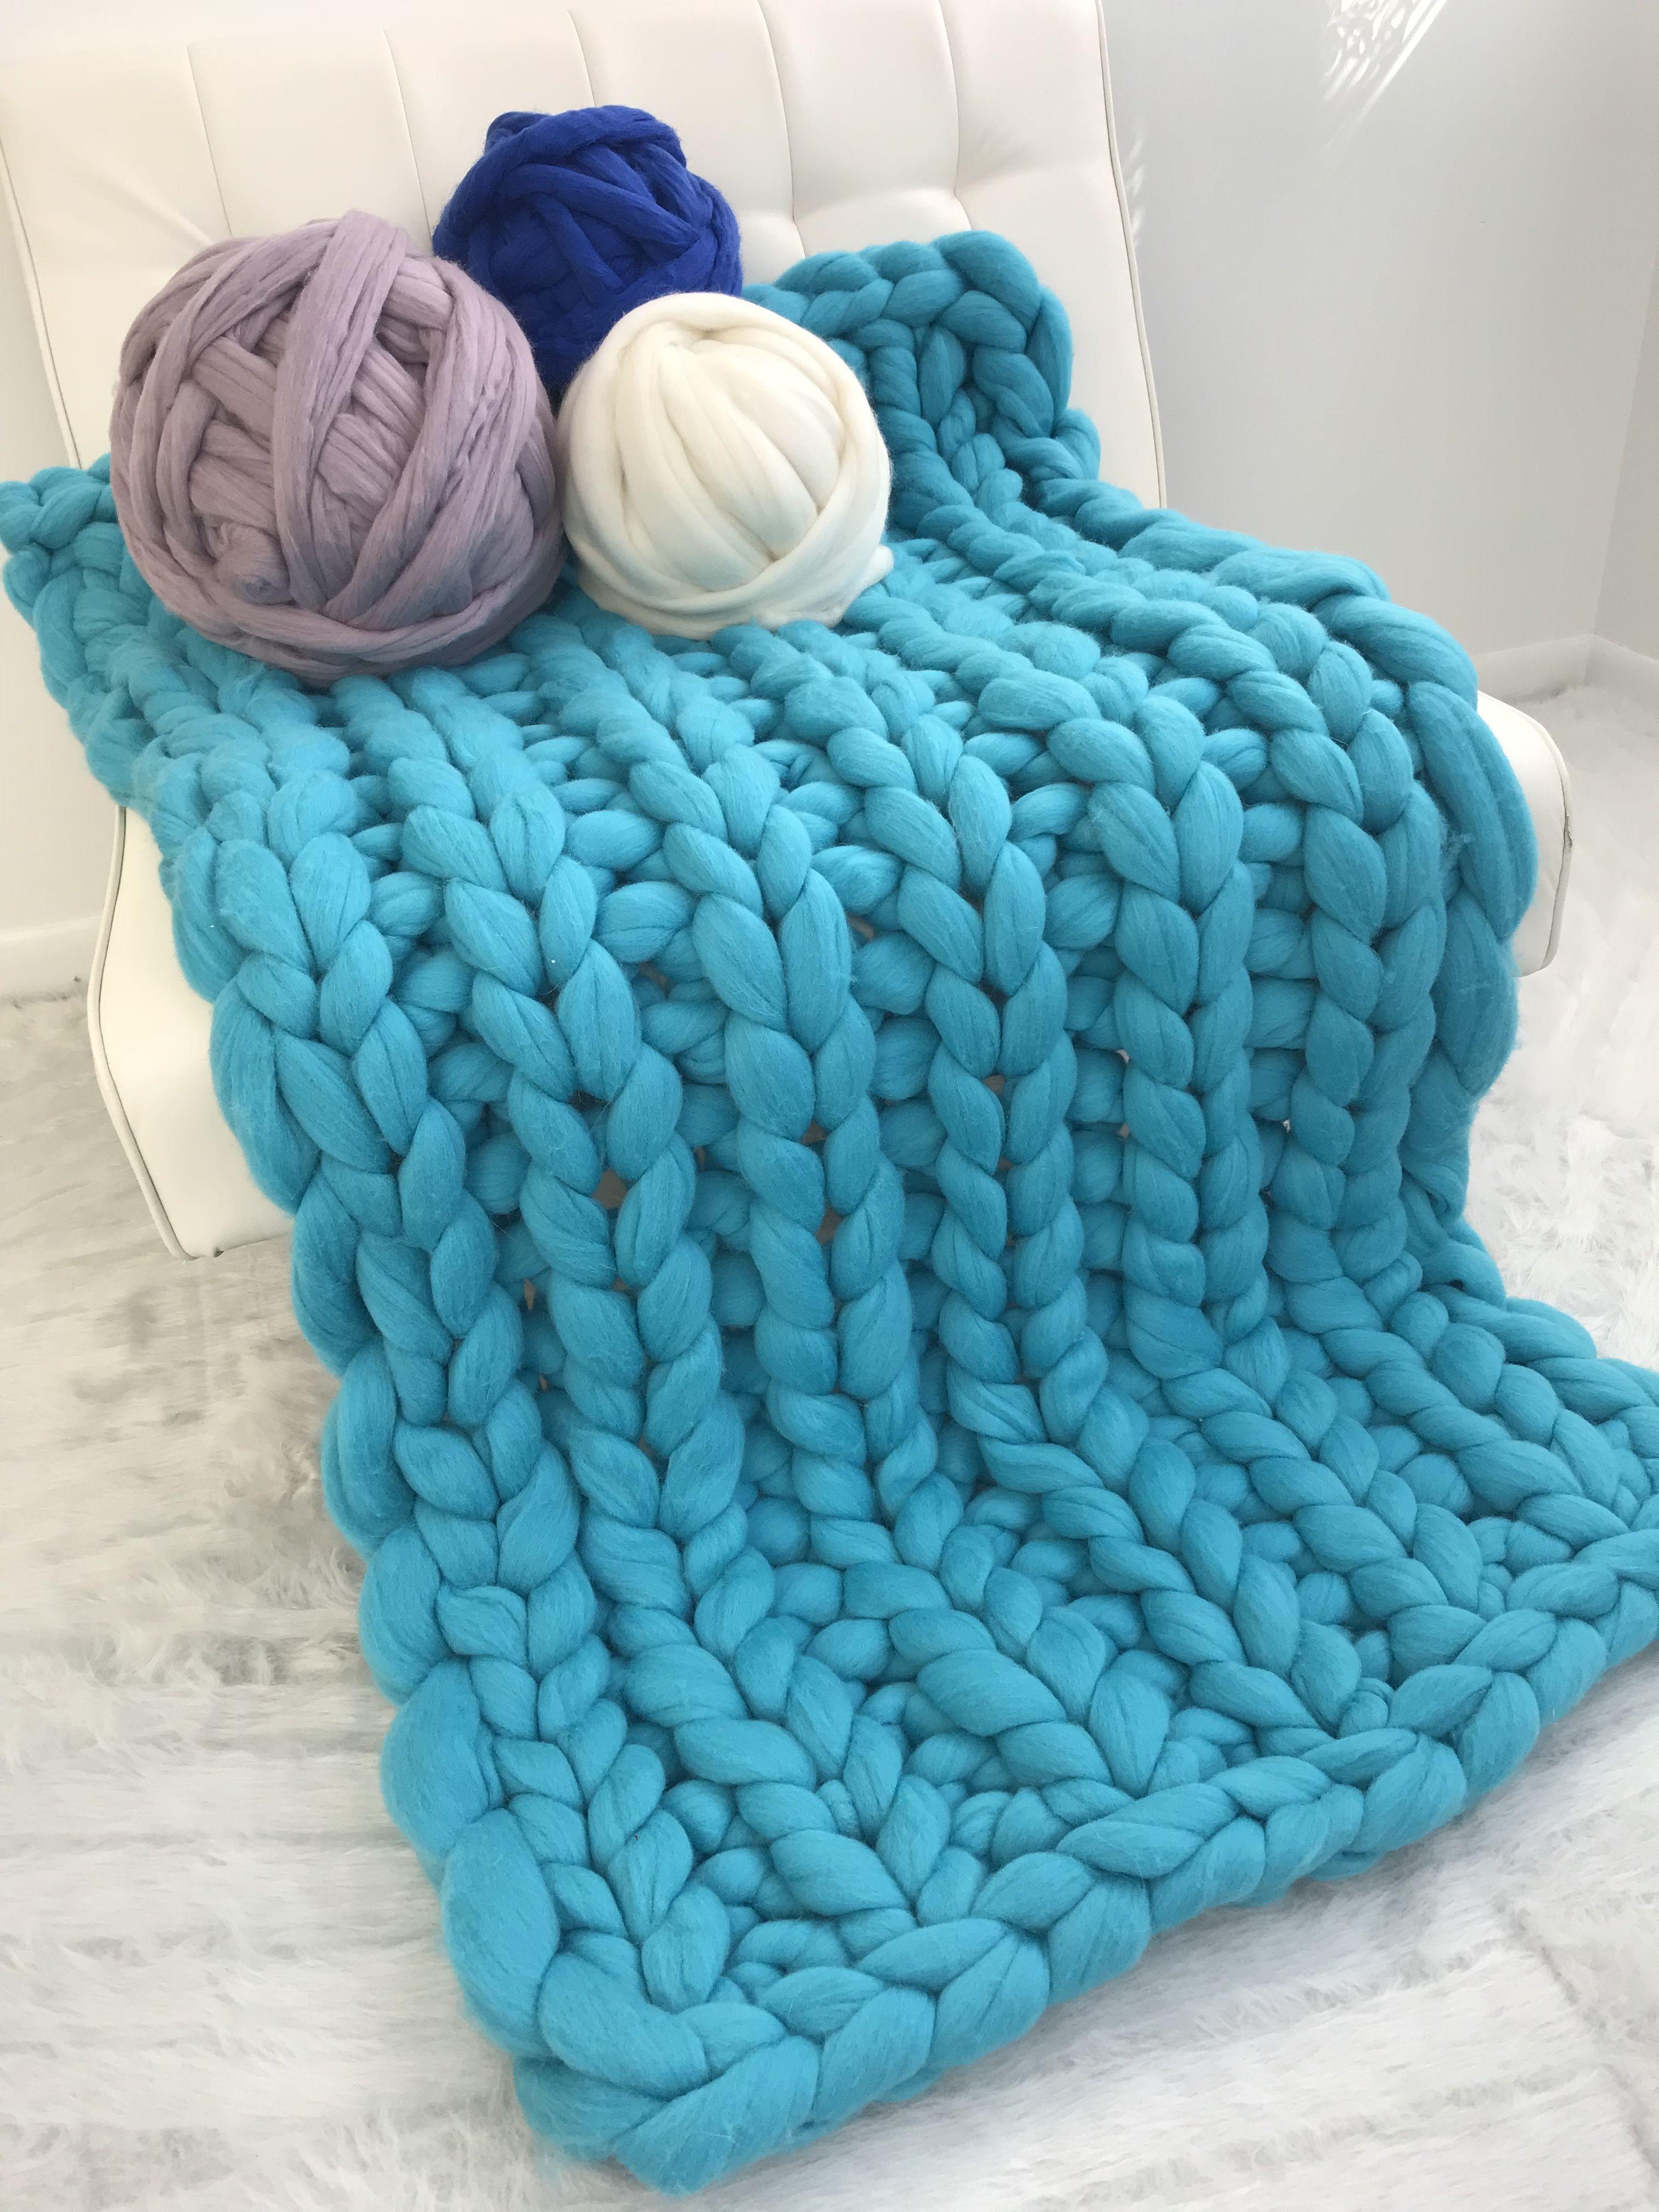 ba7a541666 Super chunky Merino wool